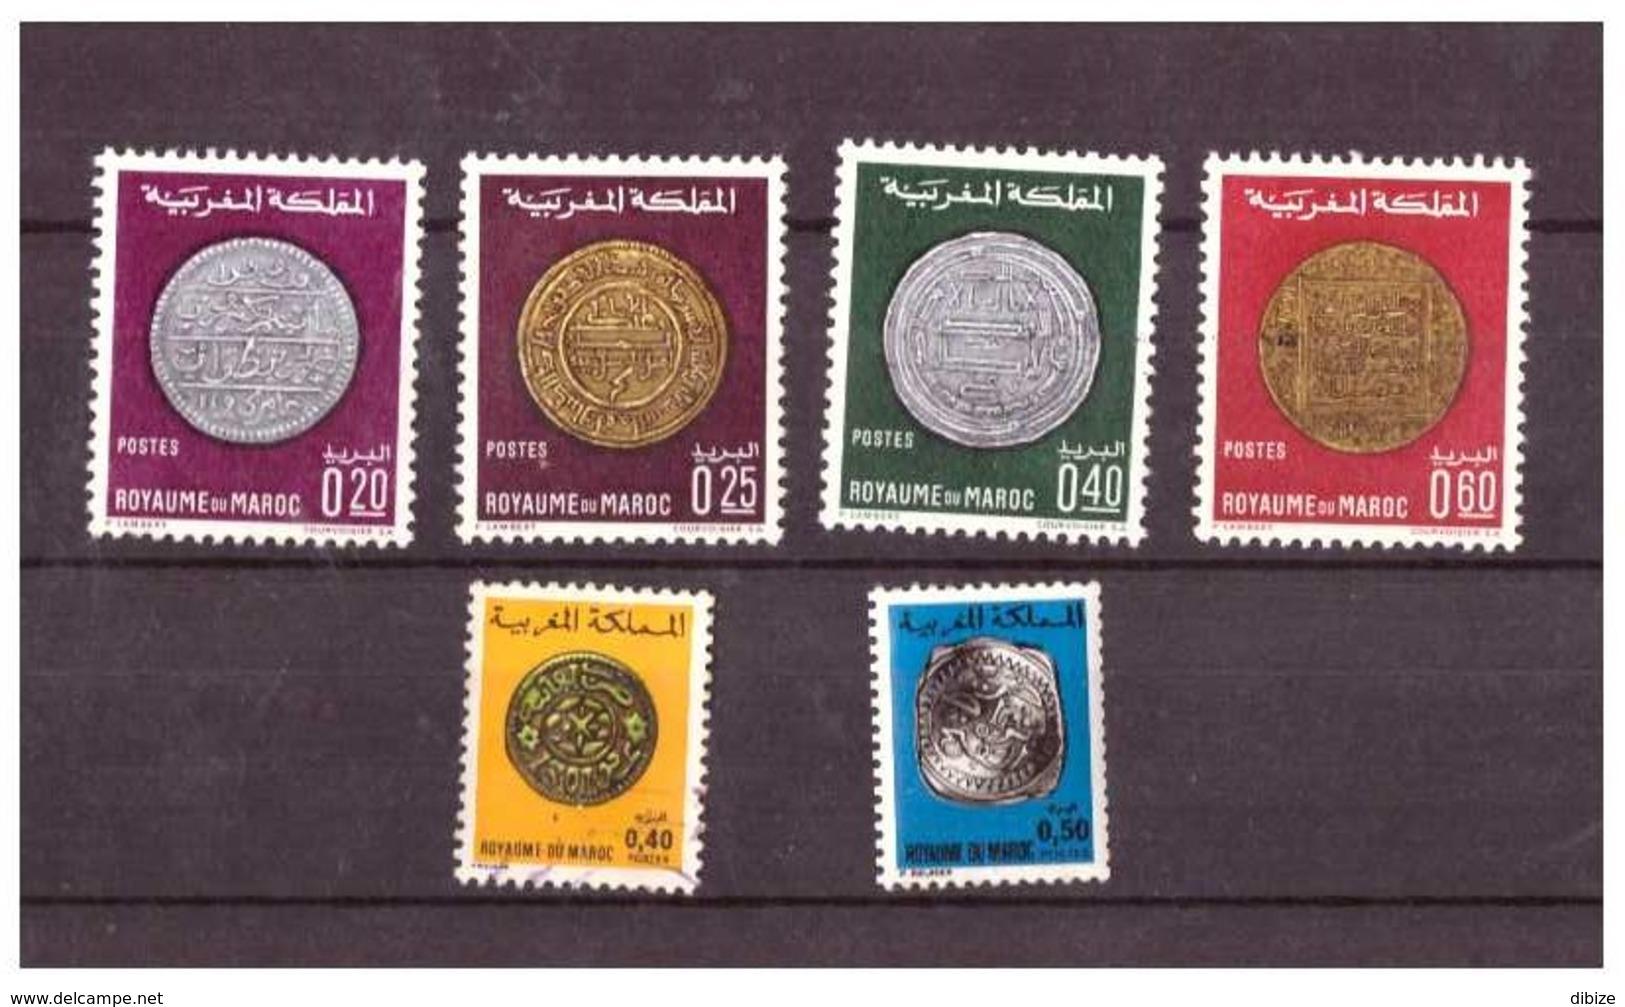 Maroc. 26 Timbres Tous Différents. Diverses Années. Anciennes Monnaies. 3 Oblitérés. - Münzen